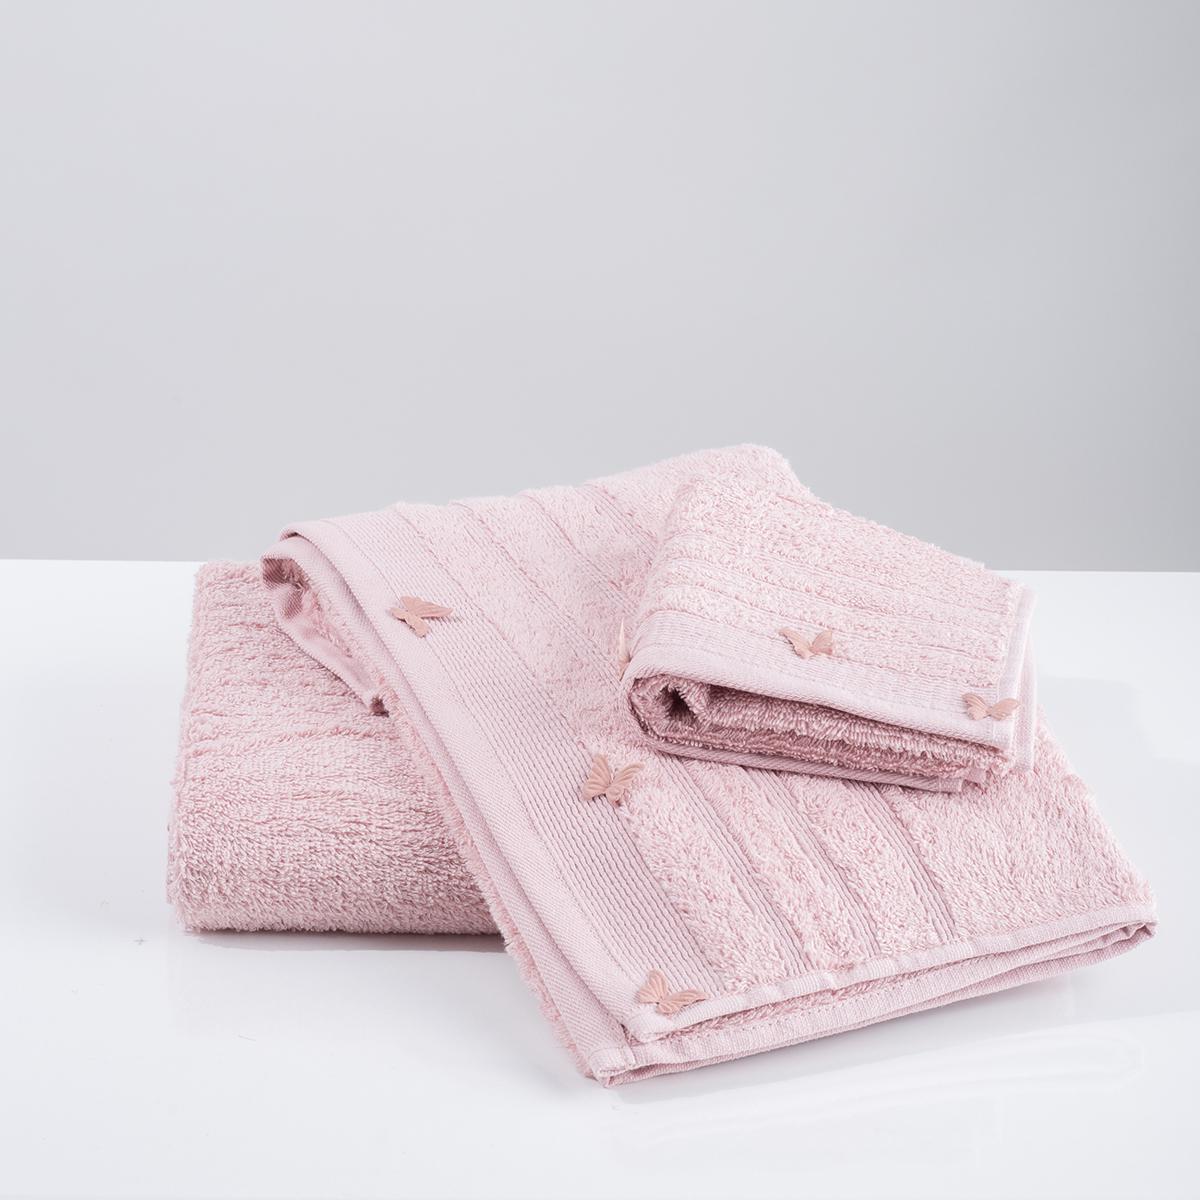 Πετσέτες Μπάνιου (Σετ 3τμχ) White Fabric Butterflies Applique Pink